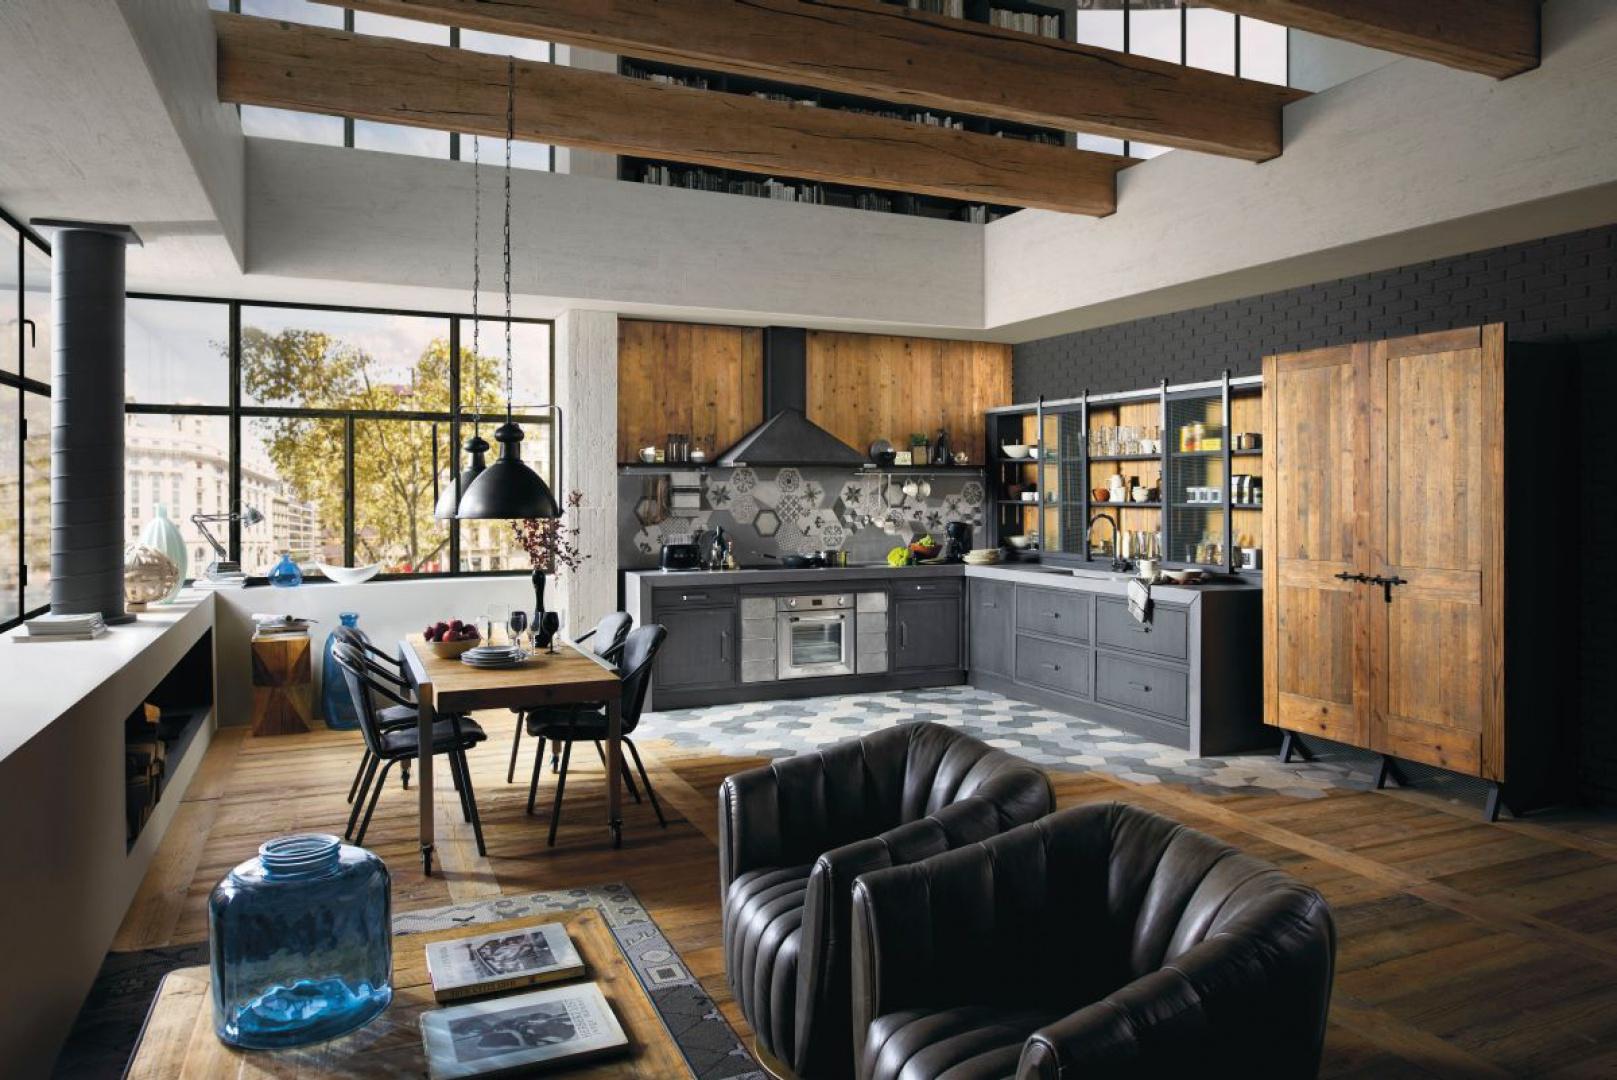 Inspiracja od marki Marchi Cucine: odsłonięte belki stropowe górują nad przestrzenią kuchni z jadalnią. Na metalowym łańcuchu zwisa z nich loftowa lampa. Meble kuchenne są utrzymane w kolorach szarości, a wysoka zabudowa została tak wystylizowana, że wygląda na zrobioną ze starych desek. Fot. Marchi Cucine, kuchnia Brera 76